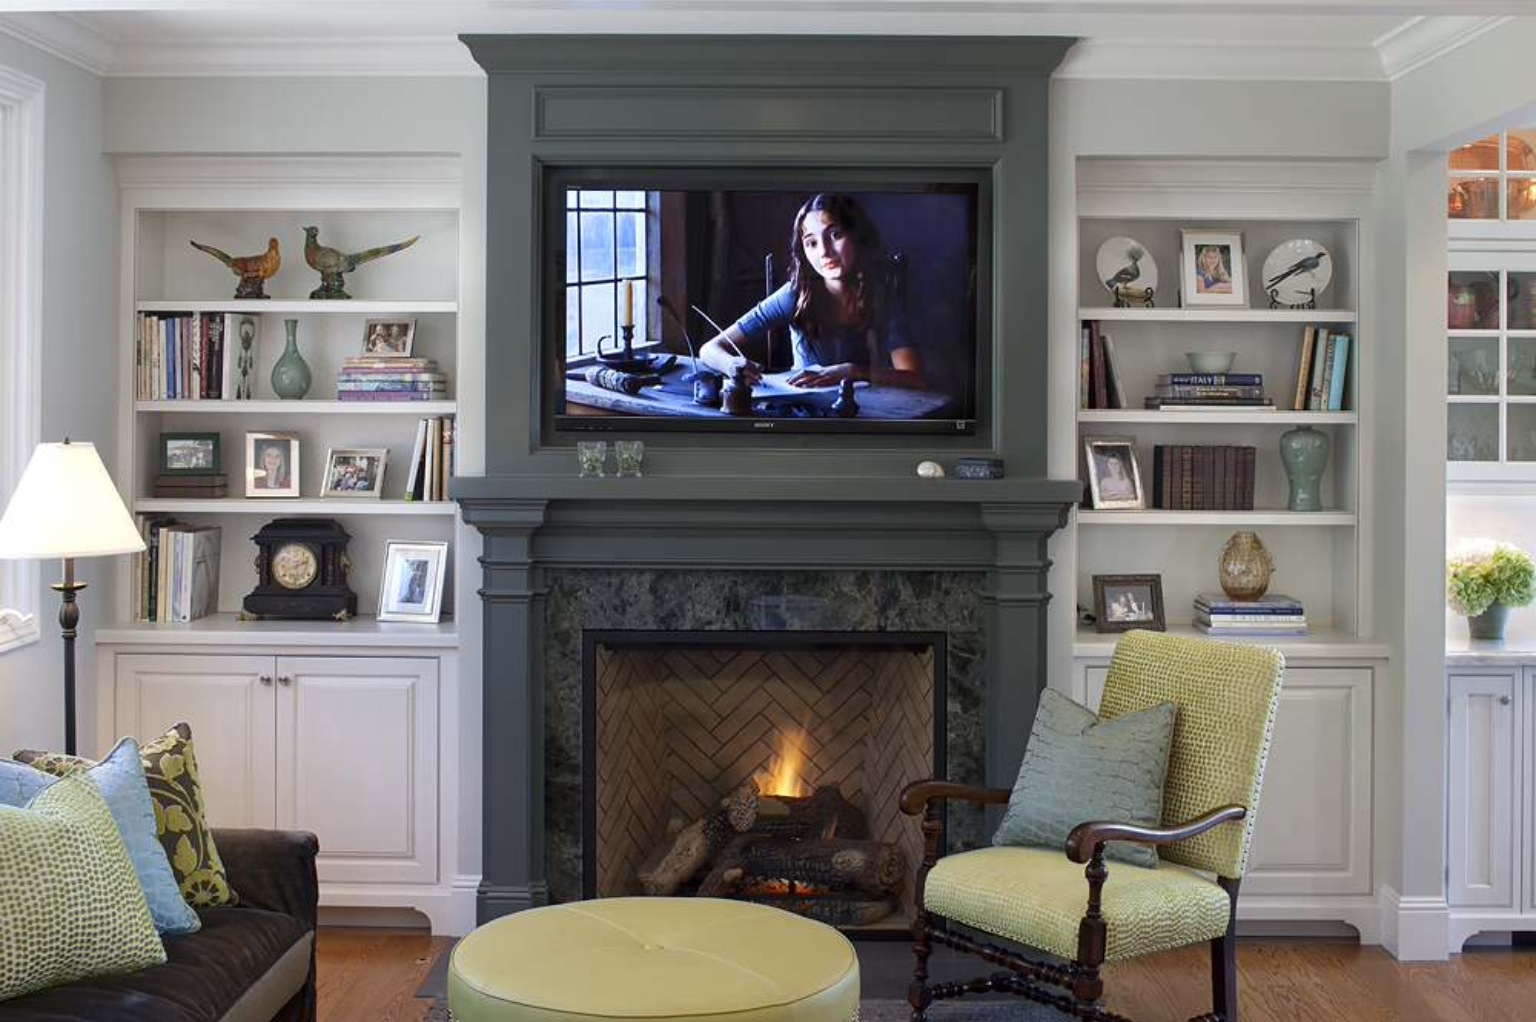 3. Formas de combinar la televisión y la chimenea en el salón